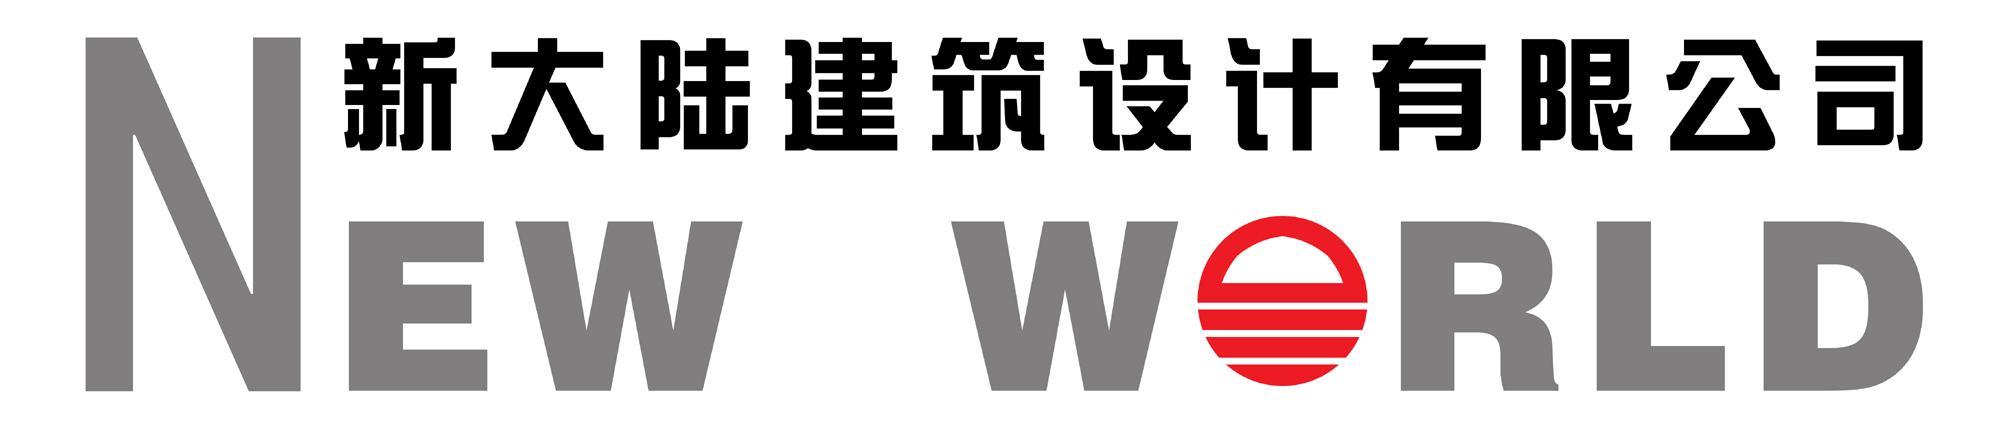 沈阳新大陆建筑设计有限公司